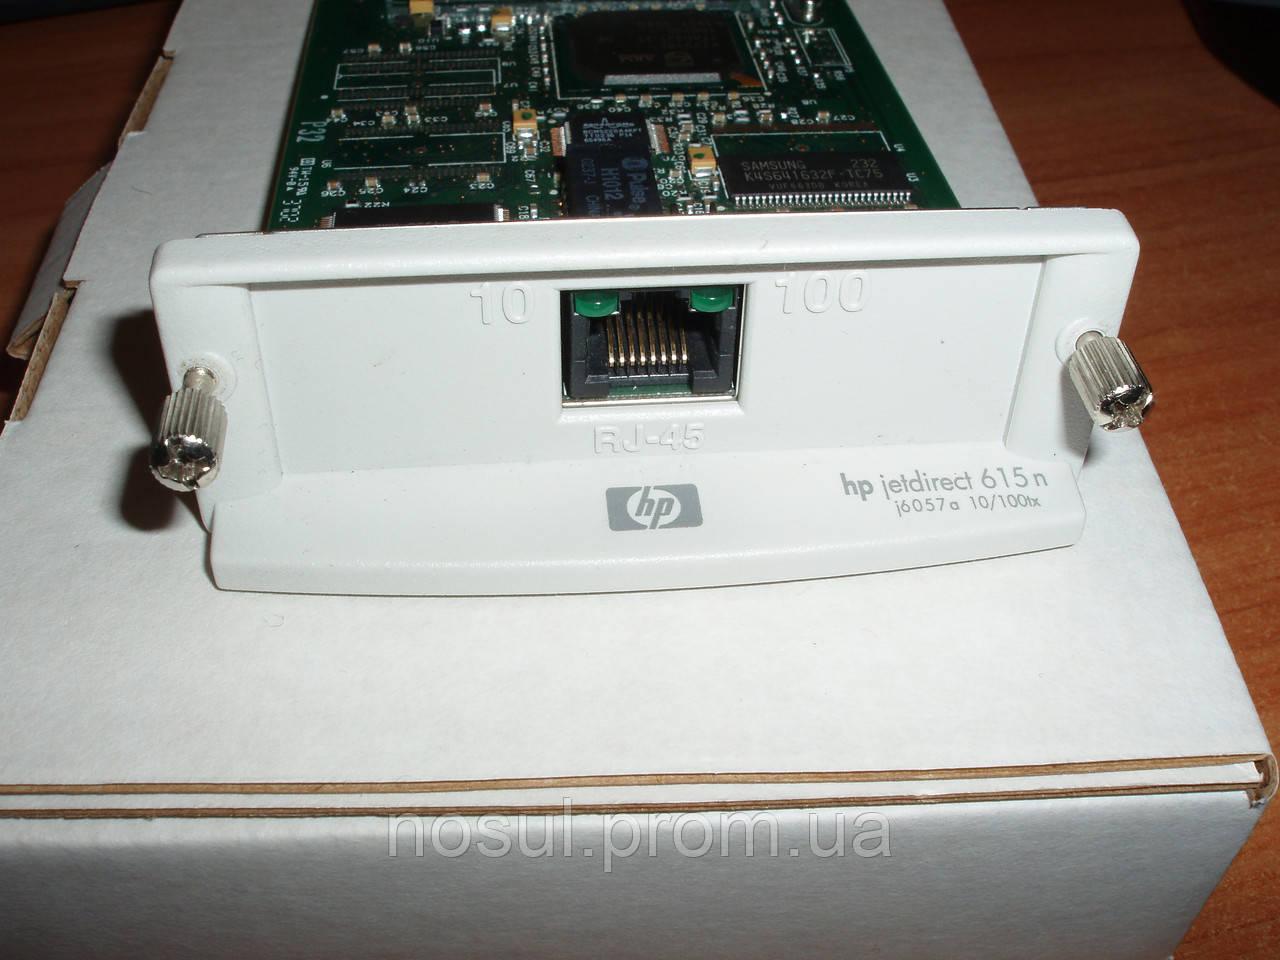 HP Jetdirect 615n принтсервер Print server для печать локальная сеть Ethernet 10/100 Mbit  - ЧП Носуль С. А. +380664358285 (WhatsApp) +380949643586 (Viber) @nosul (Telegram) sergey@nosul.com.ua в Кременчуге